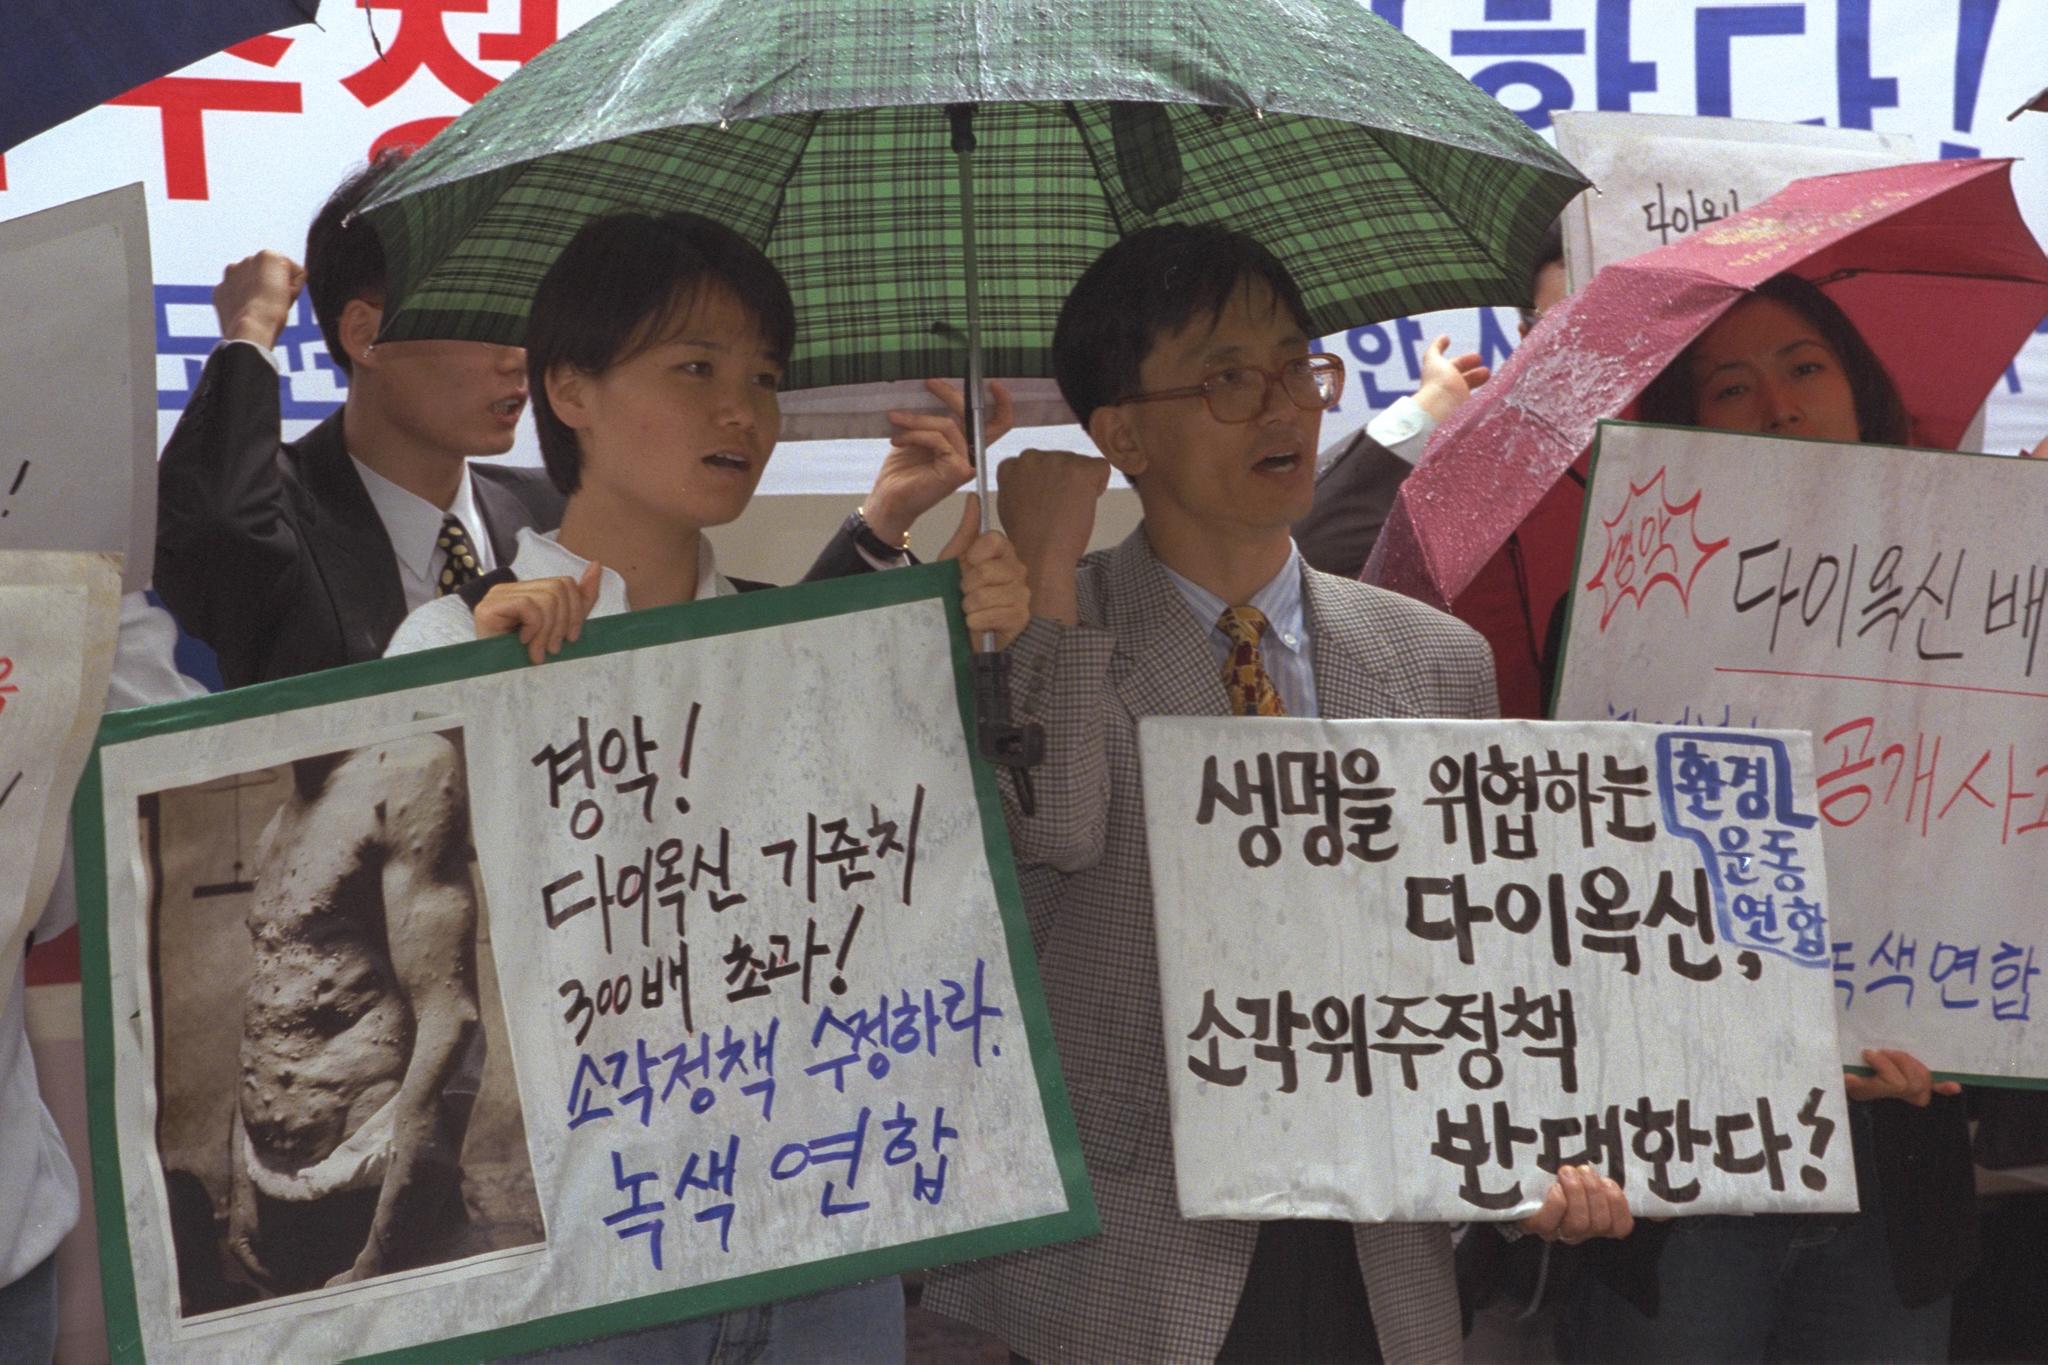 1997년 다이옥신 배출 쓰레기소각장에 대한 안전대책을 요구하는 환경운동단체의 연합집회가 서울 종로2가 YMCA앞에서 열렸다.피킷을 든 회원들이 구호를 외치고 있다. [중앙포토]